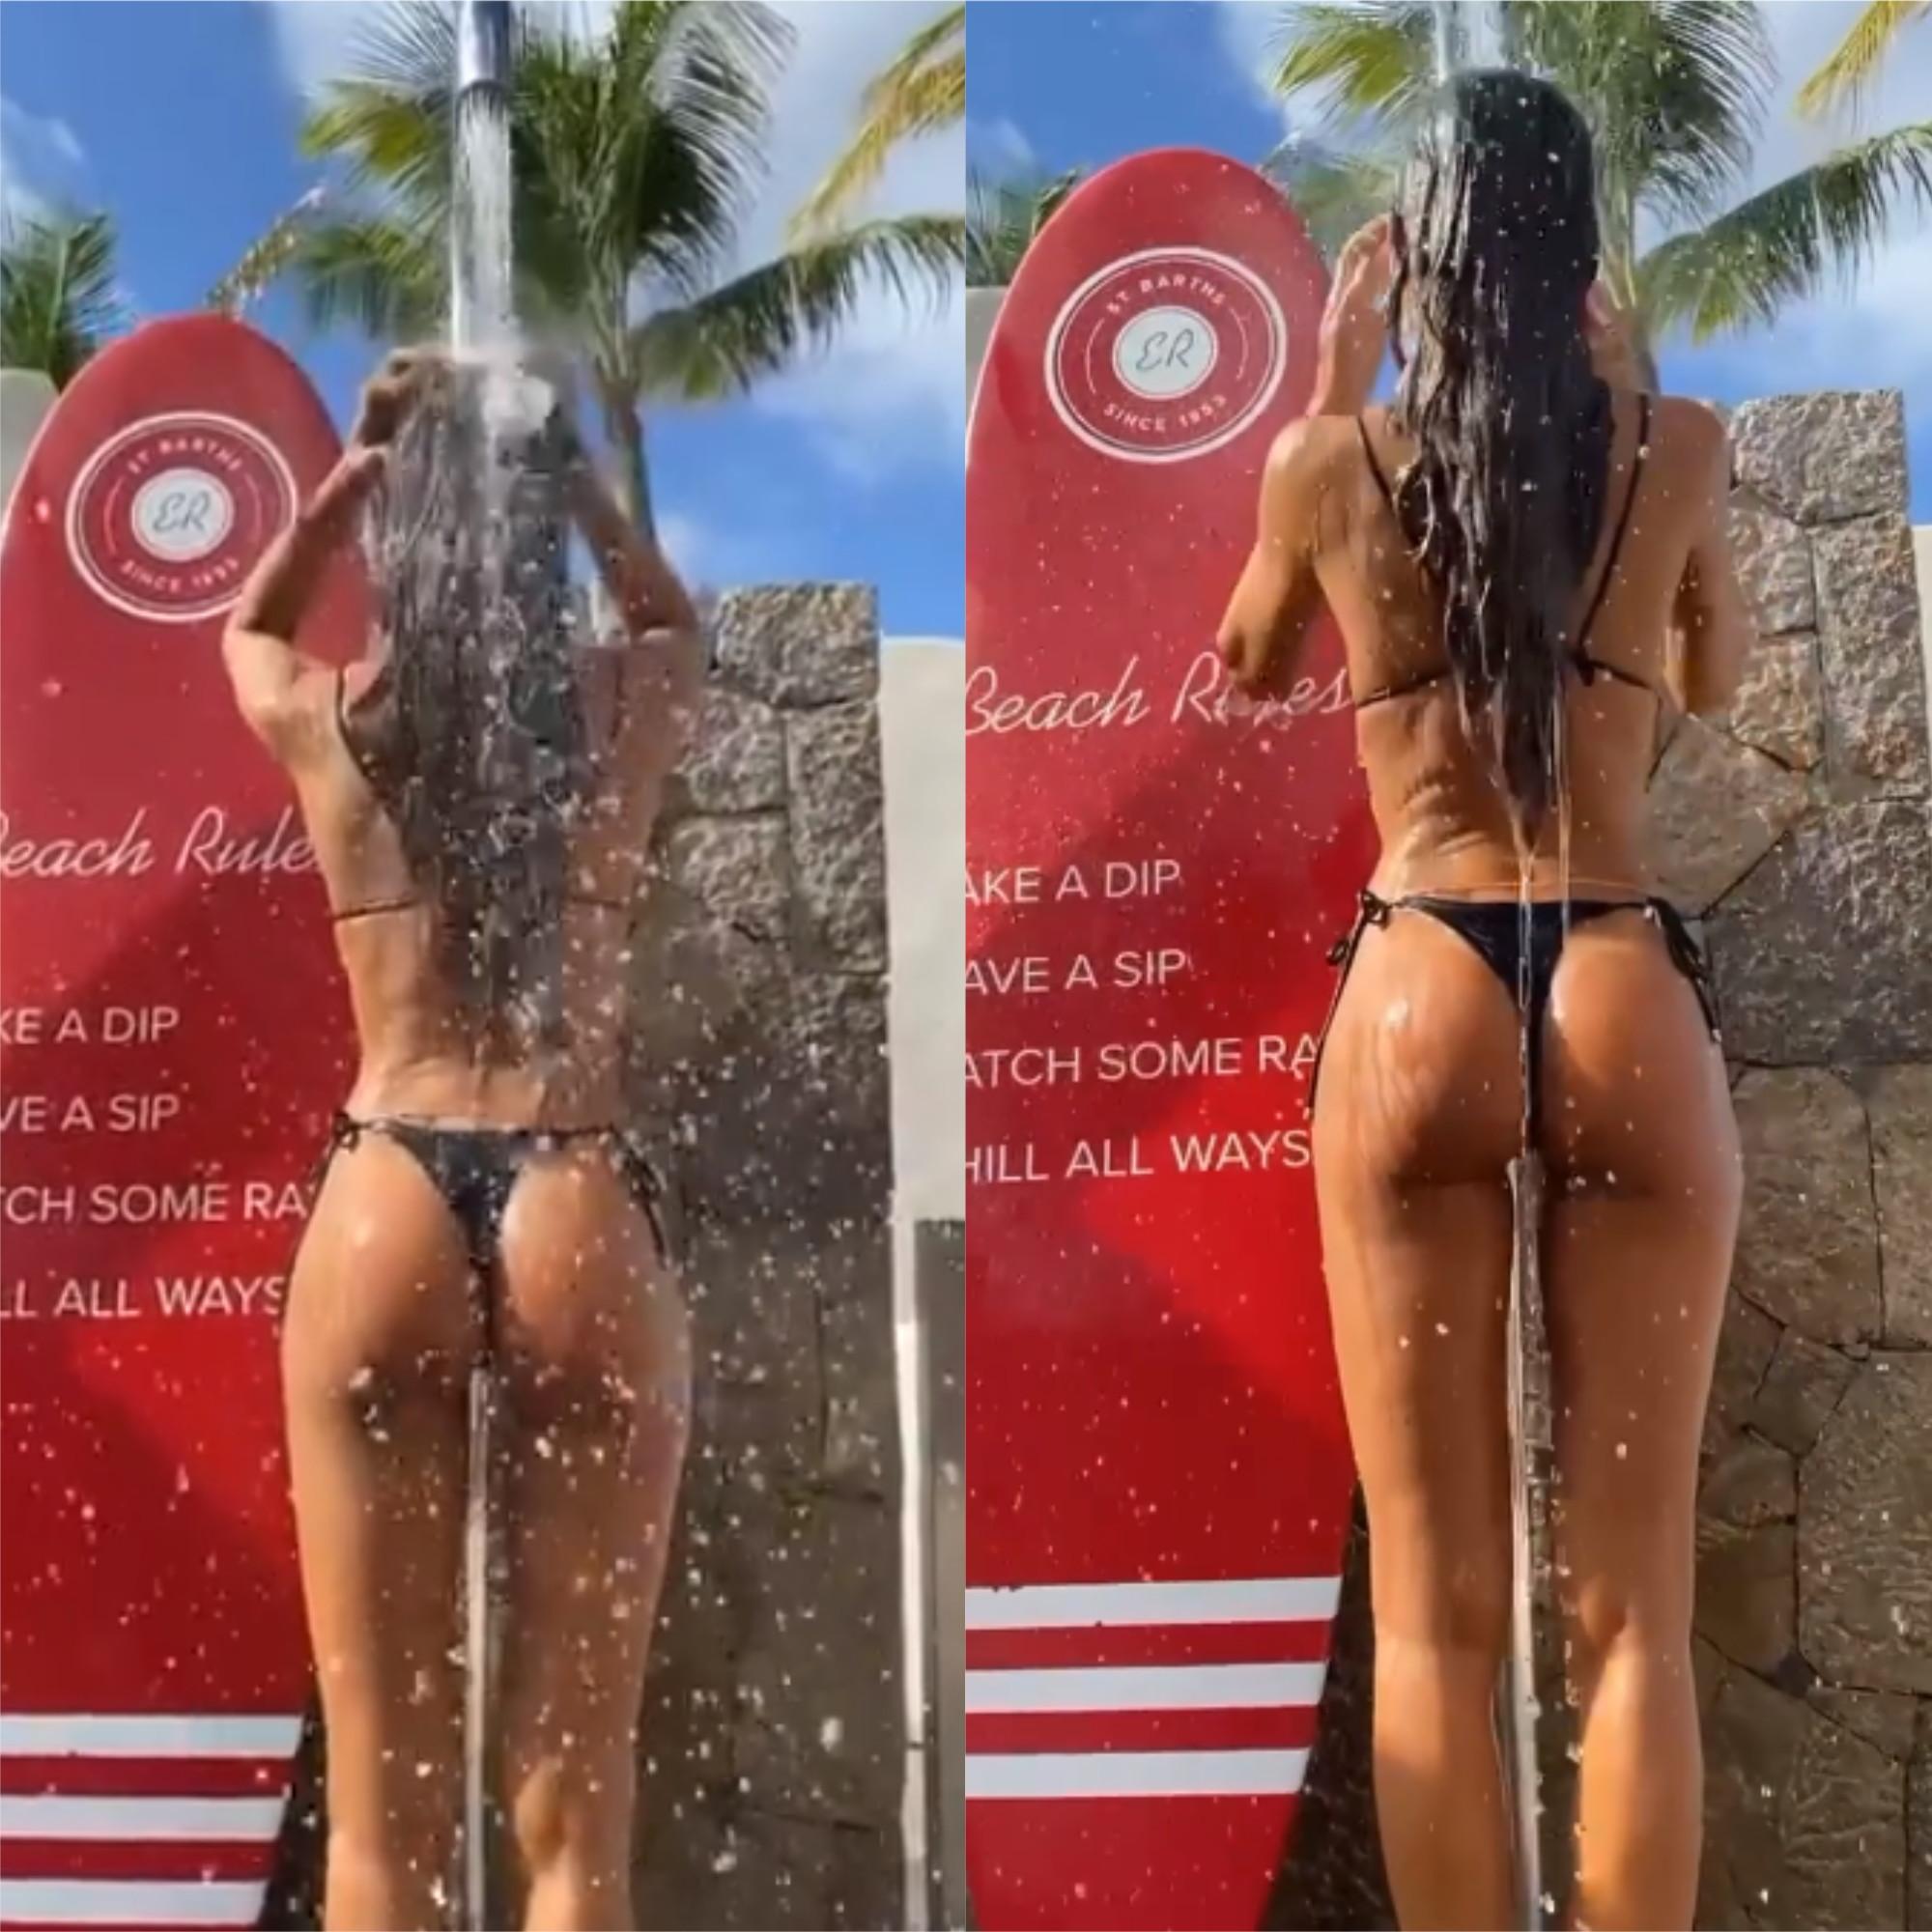 Izabel Goulart, fidanzata di Kevin Trapp (portiere dell&#39;Eintracht Francoforte), condivide con i follower di Instagram un momento di nostalgia: una doccia in bikini sotto il sole. Presto torner&agrave; l&#39;estate e&nbsp;la modella potr&agrave; tornare a godersi l&#39;acqua durante la calura estiva...<br /><br />